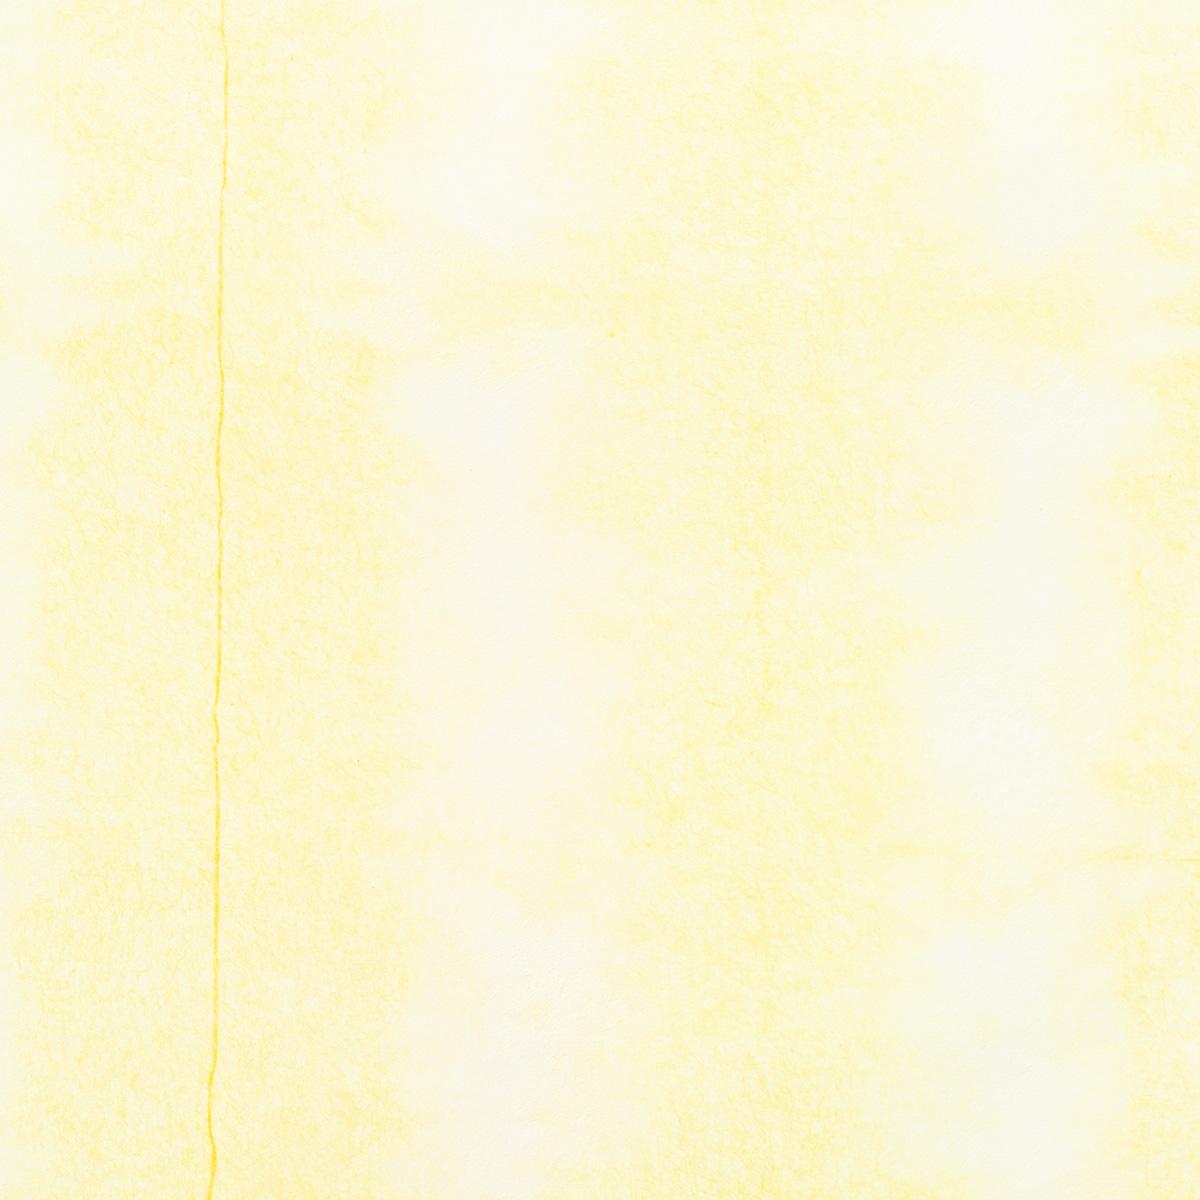 典具帖紙 板締め 薄口 No.11